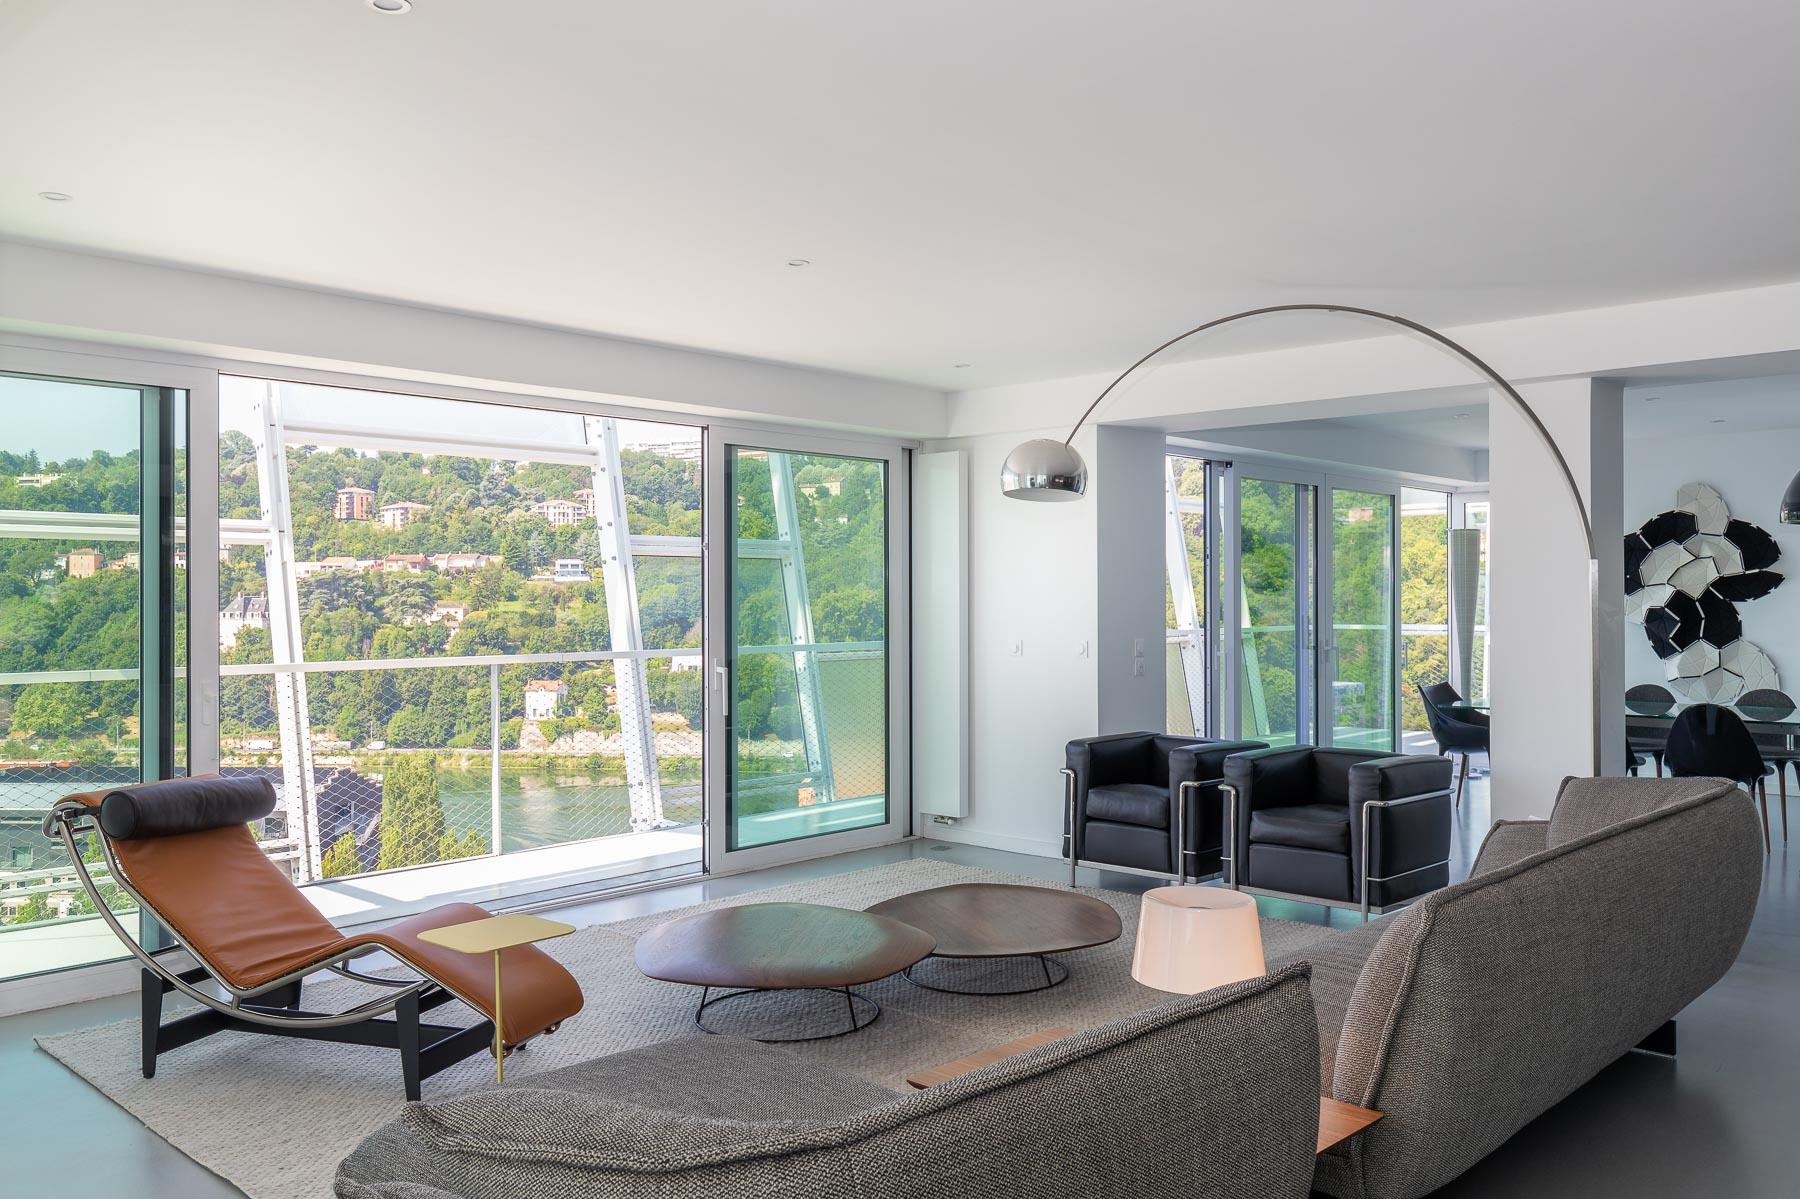 Appartement Tour Ycone - Jean Nouvel